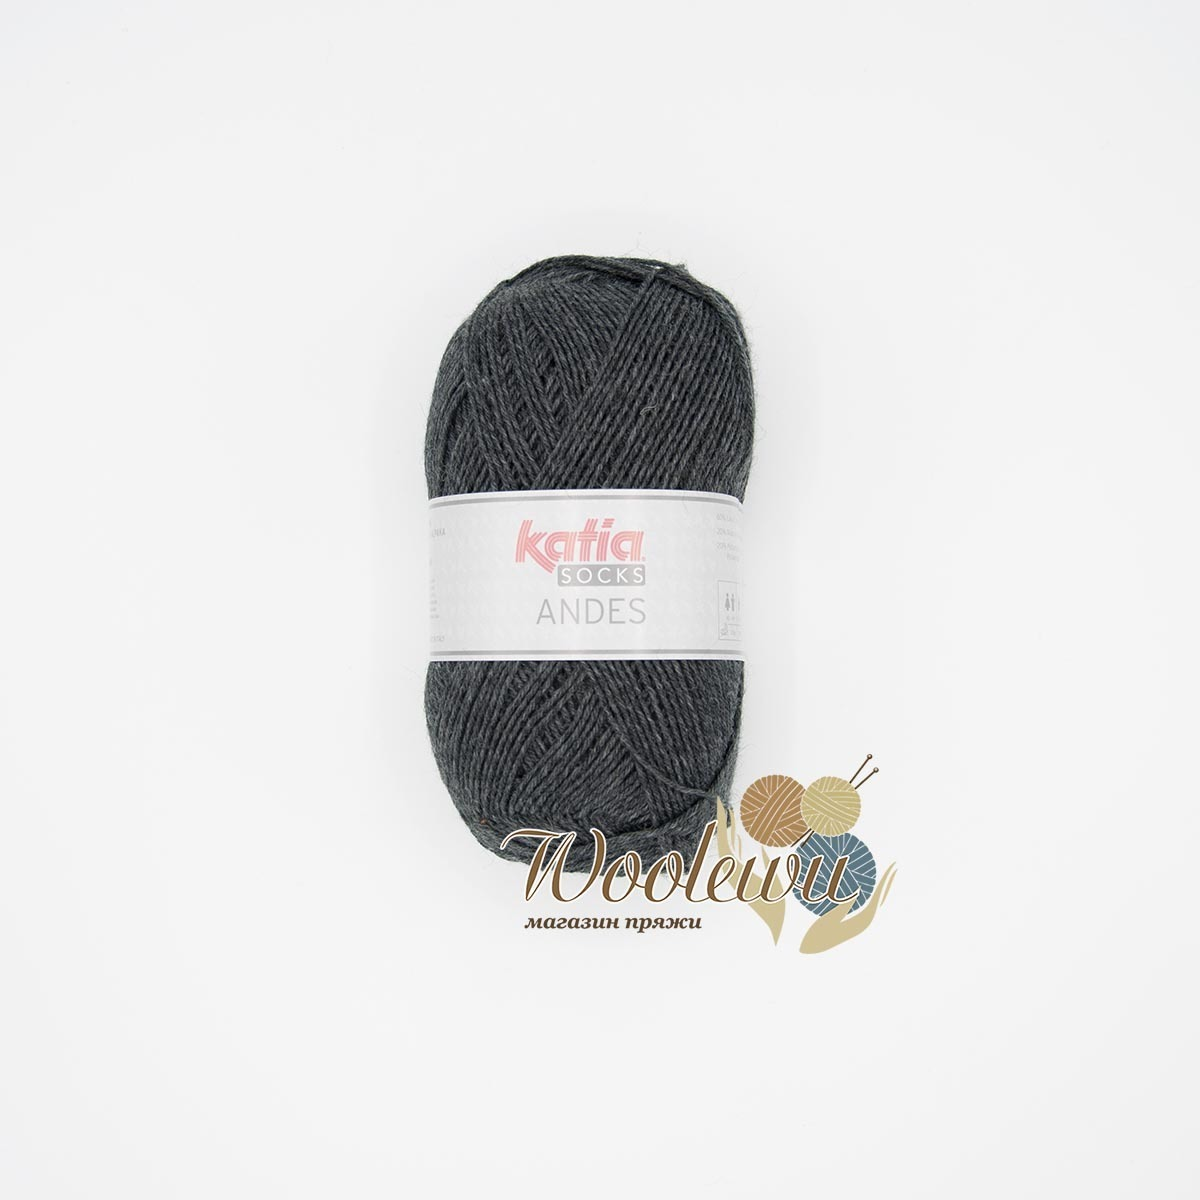 Katia Andes Socks - 205